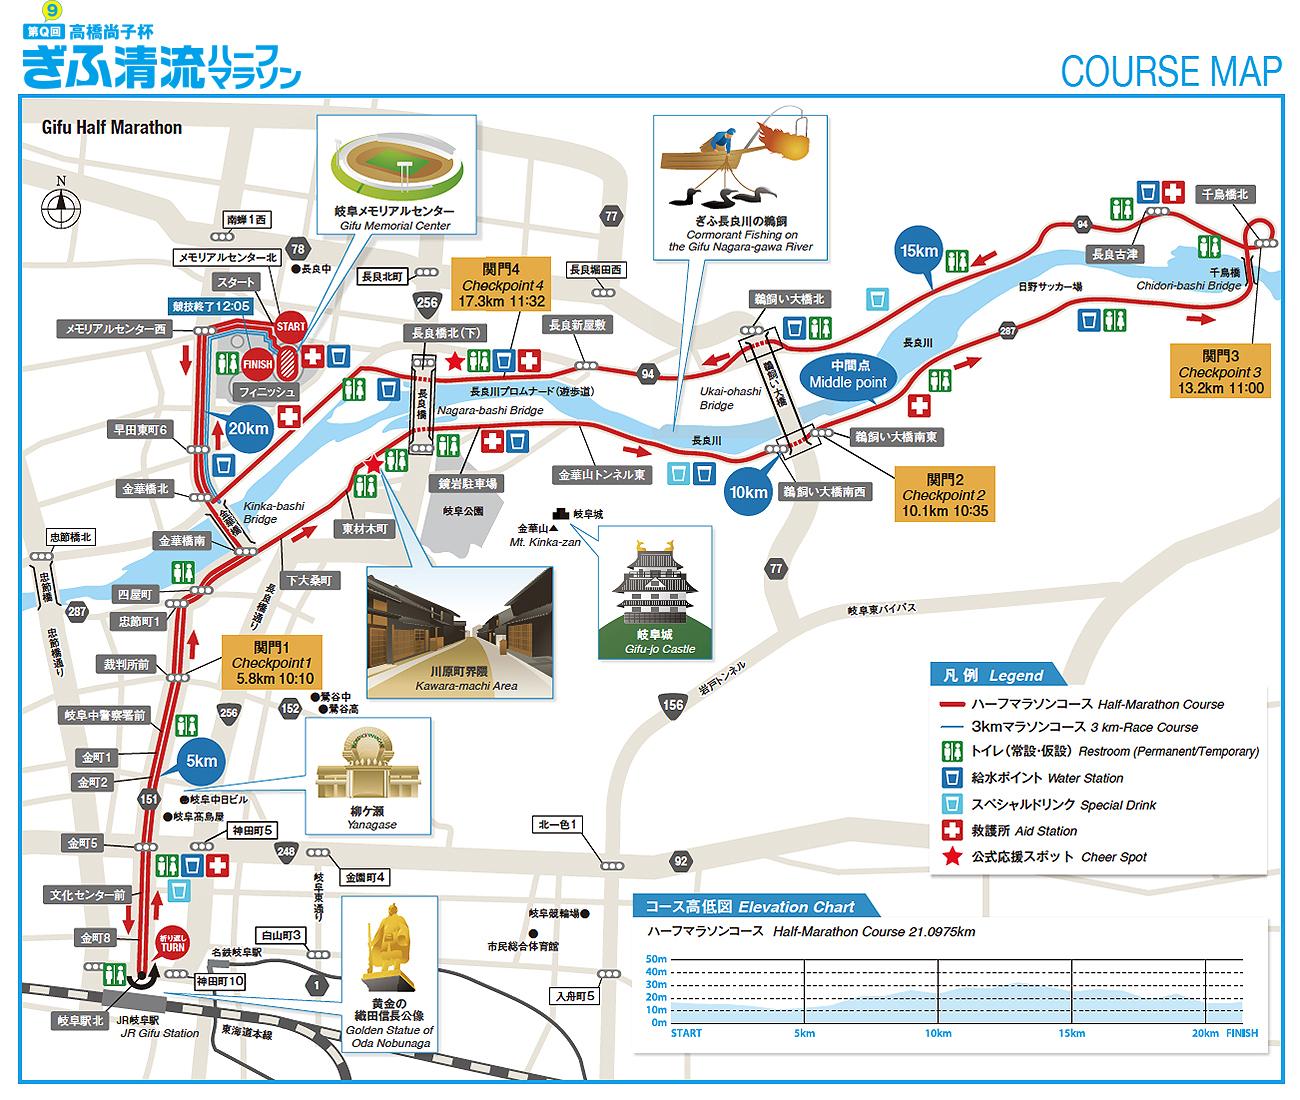 岐阜清流マラソンコース図です。